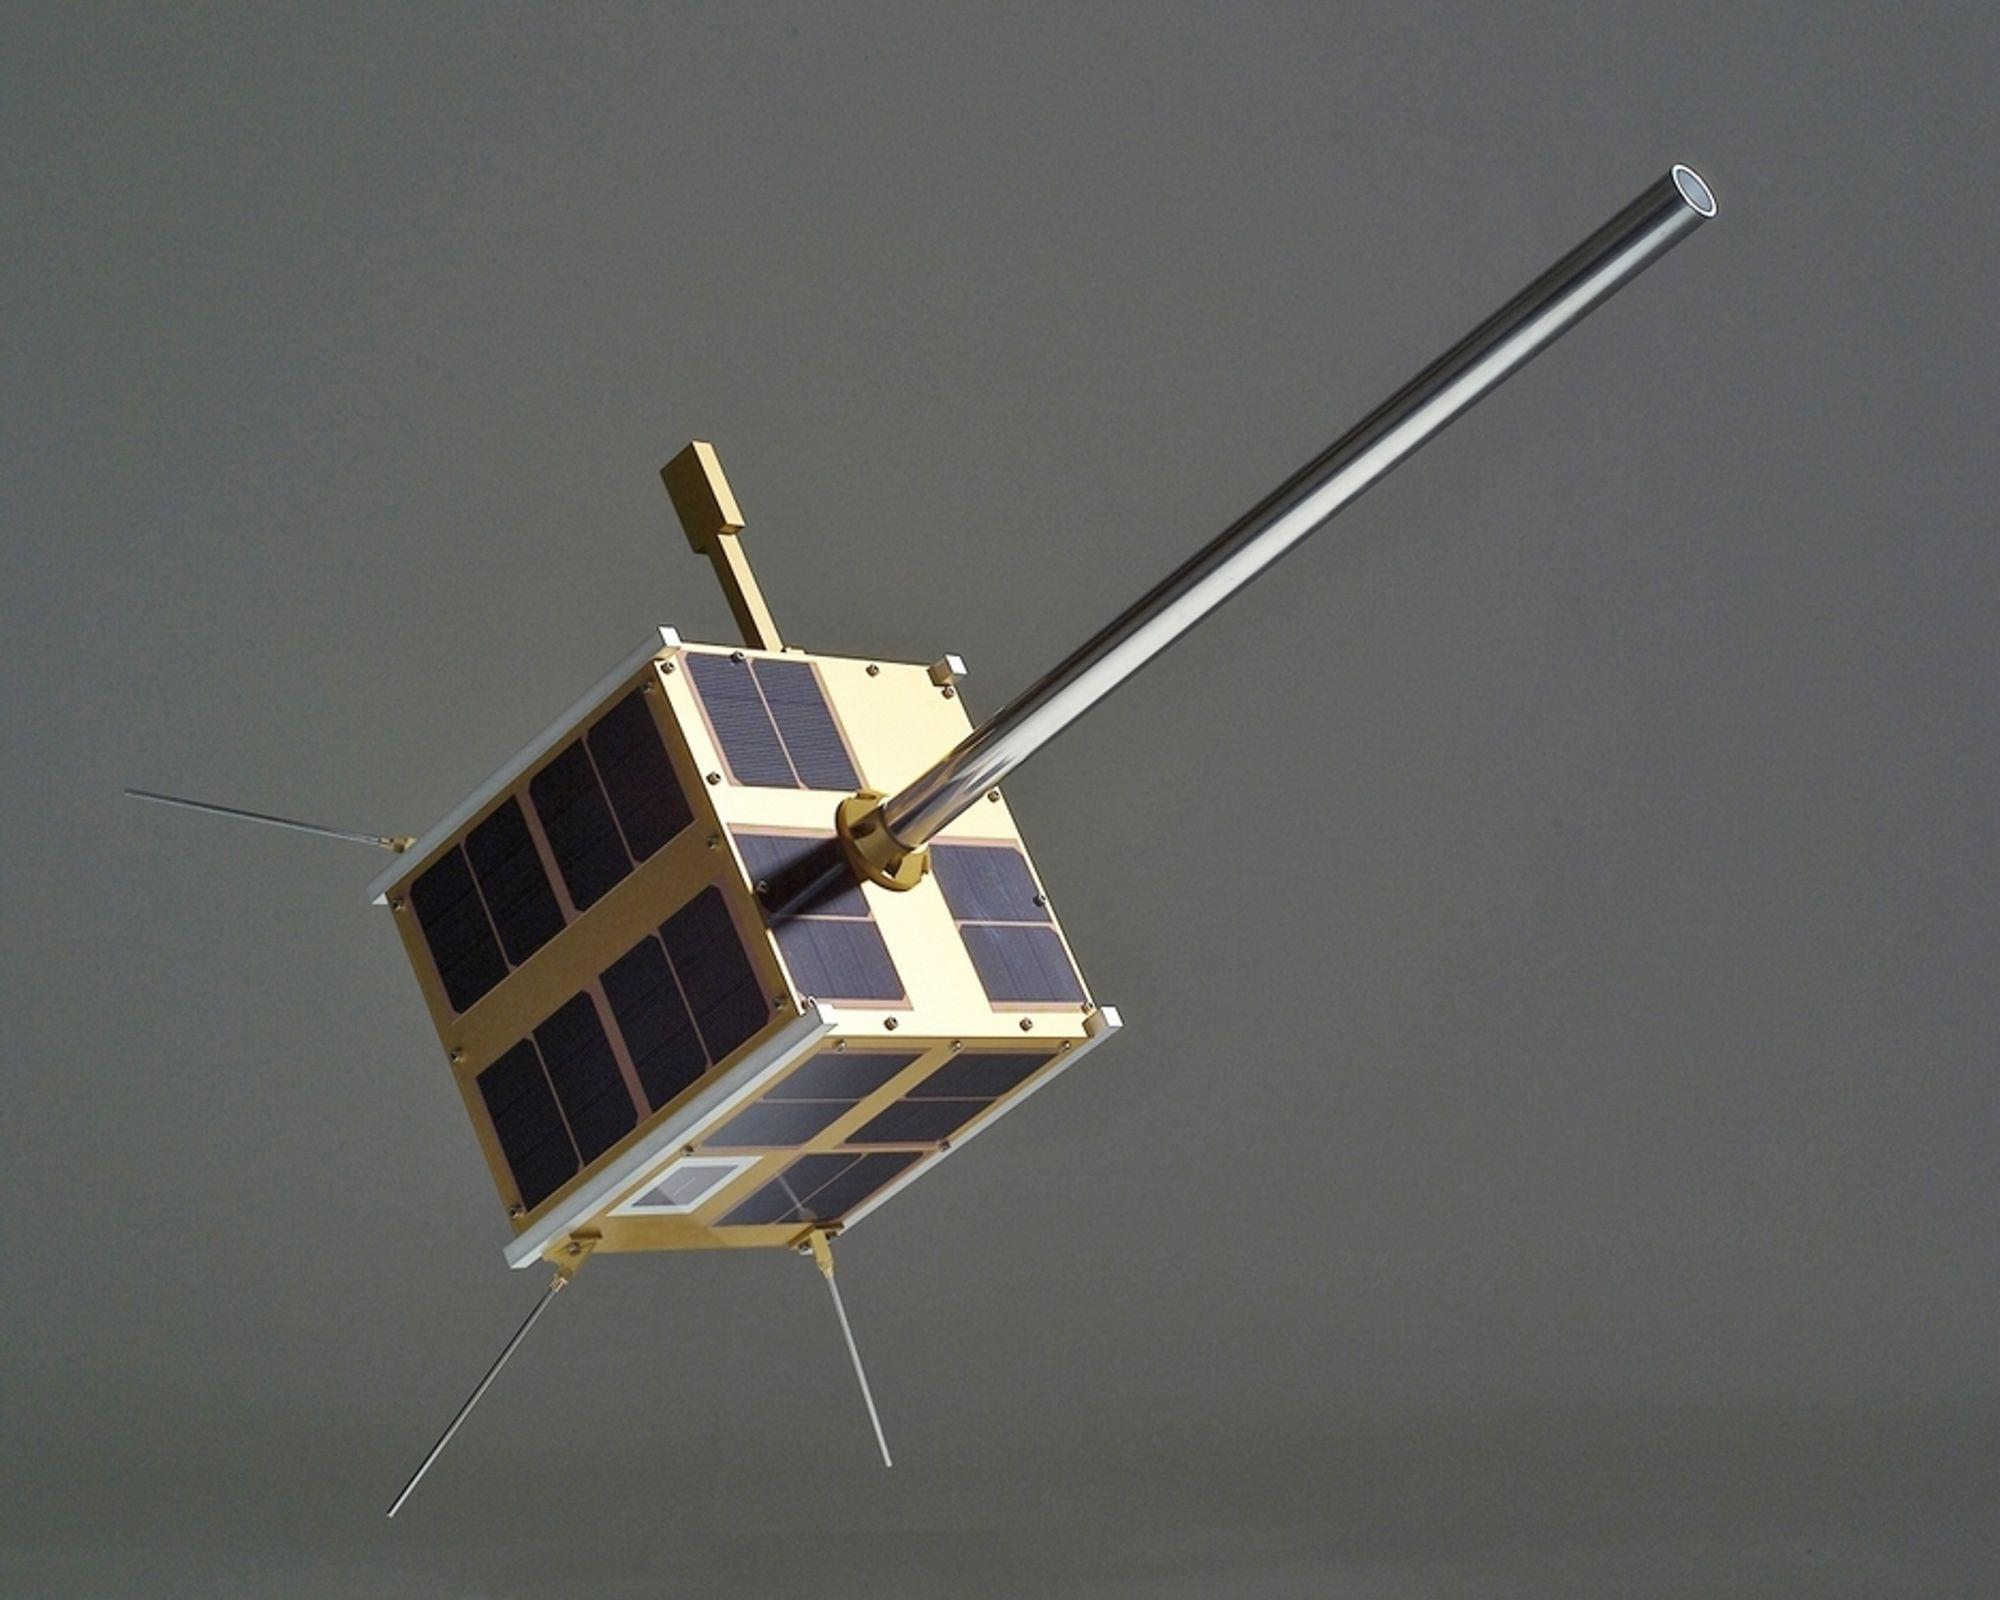 LITEN: Den norske AIS-satellitten er liten nok til å plasseres på skrivebordet, men stor nok til å overvåke skipsfarten i nordområdene.